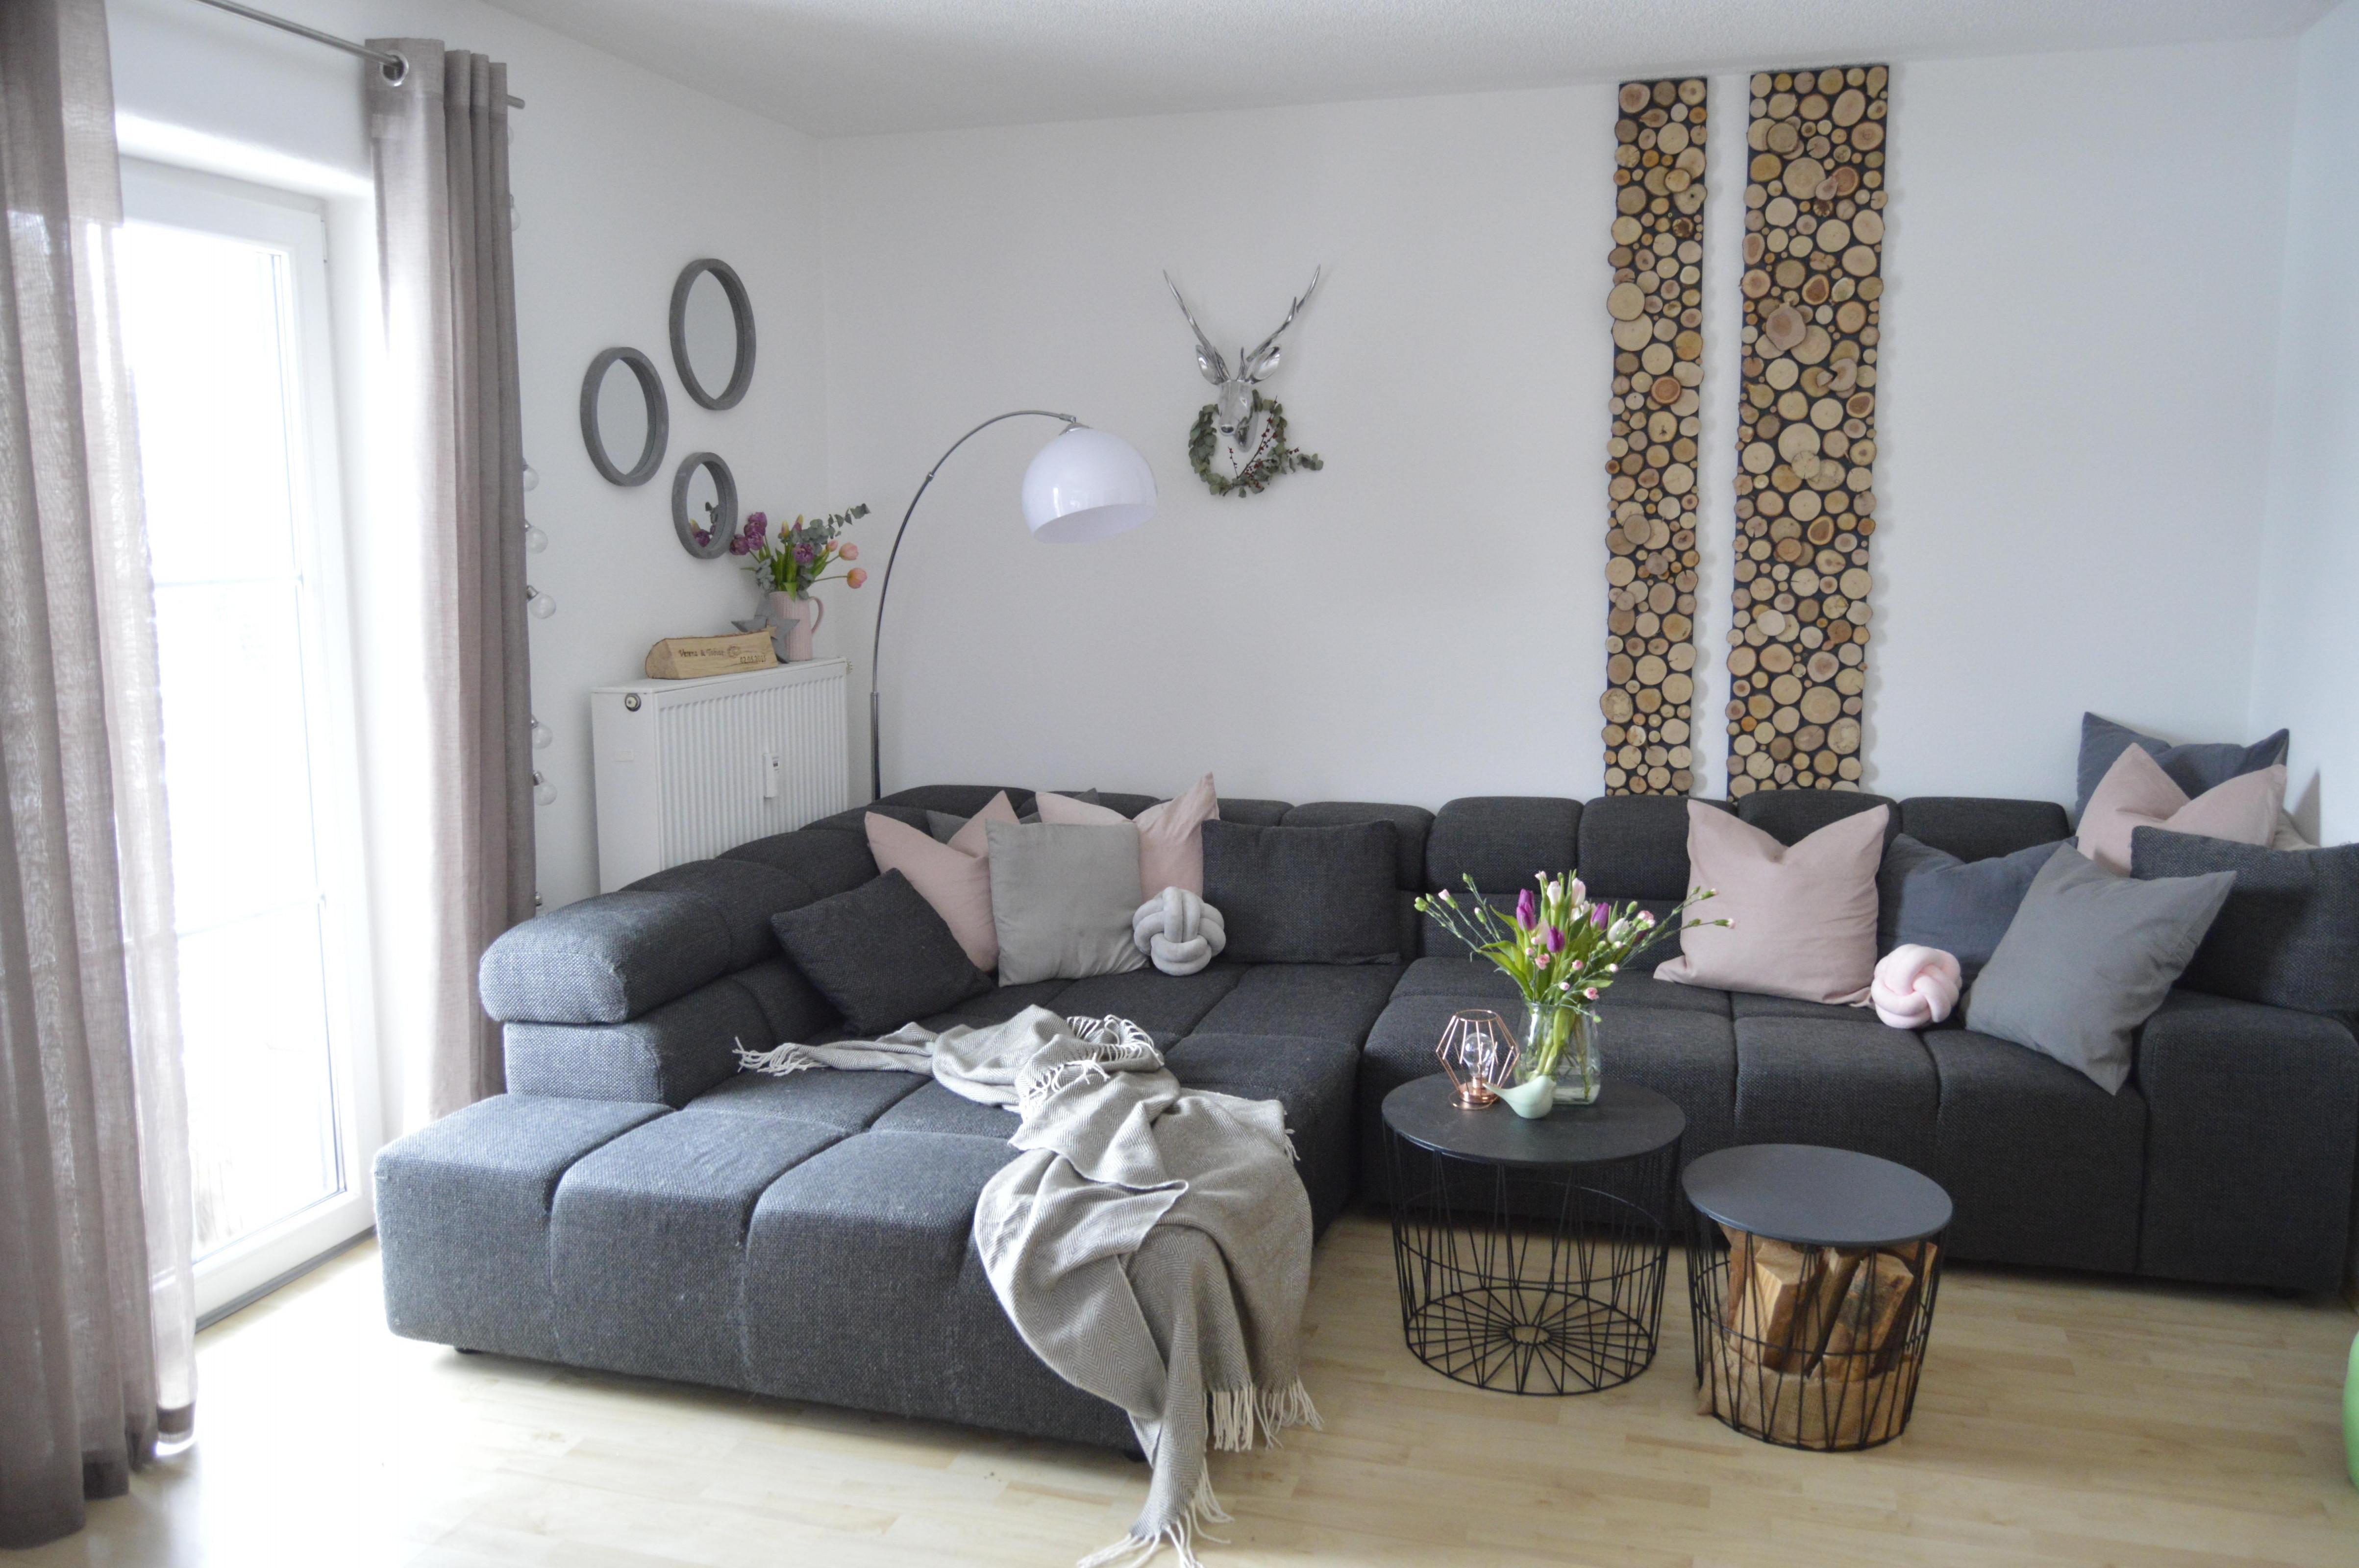 Holzwand Finde Gemütliche Ideen Mit Charme Bei Couch von Wohnzimmer Deko Über Couch Photo